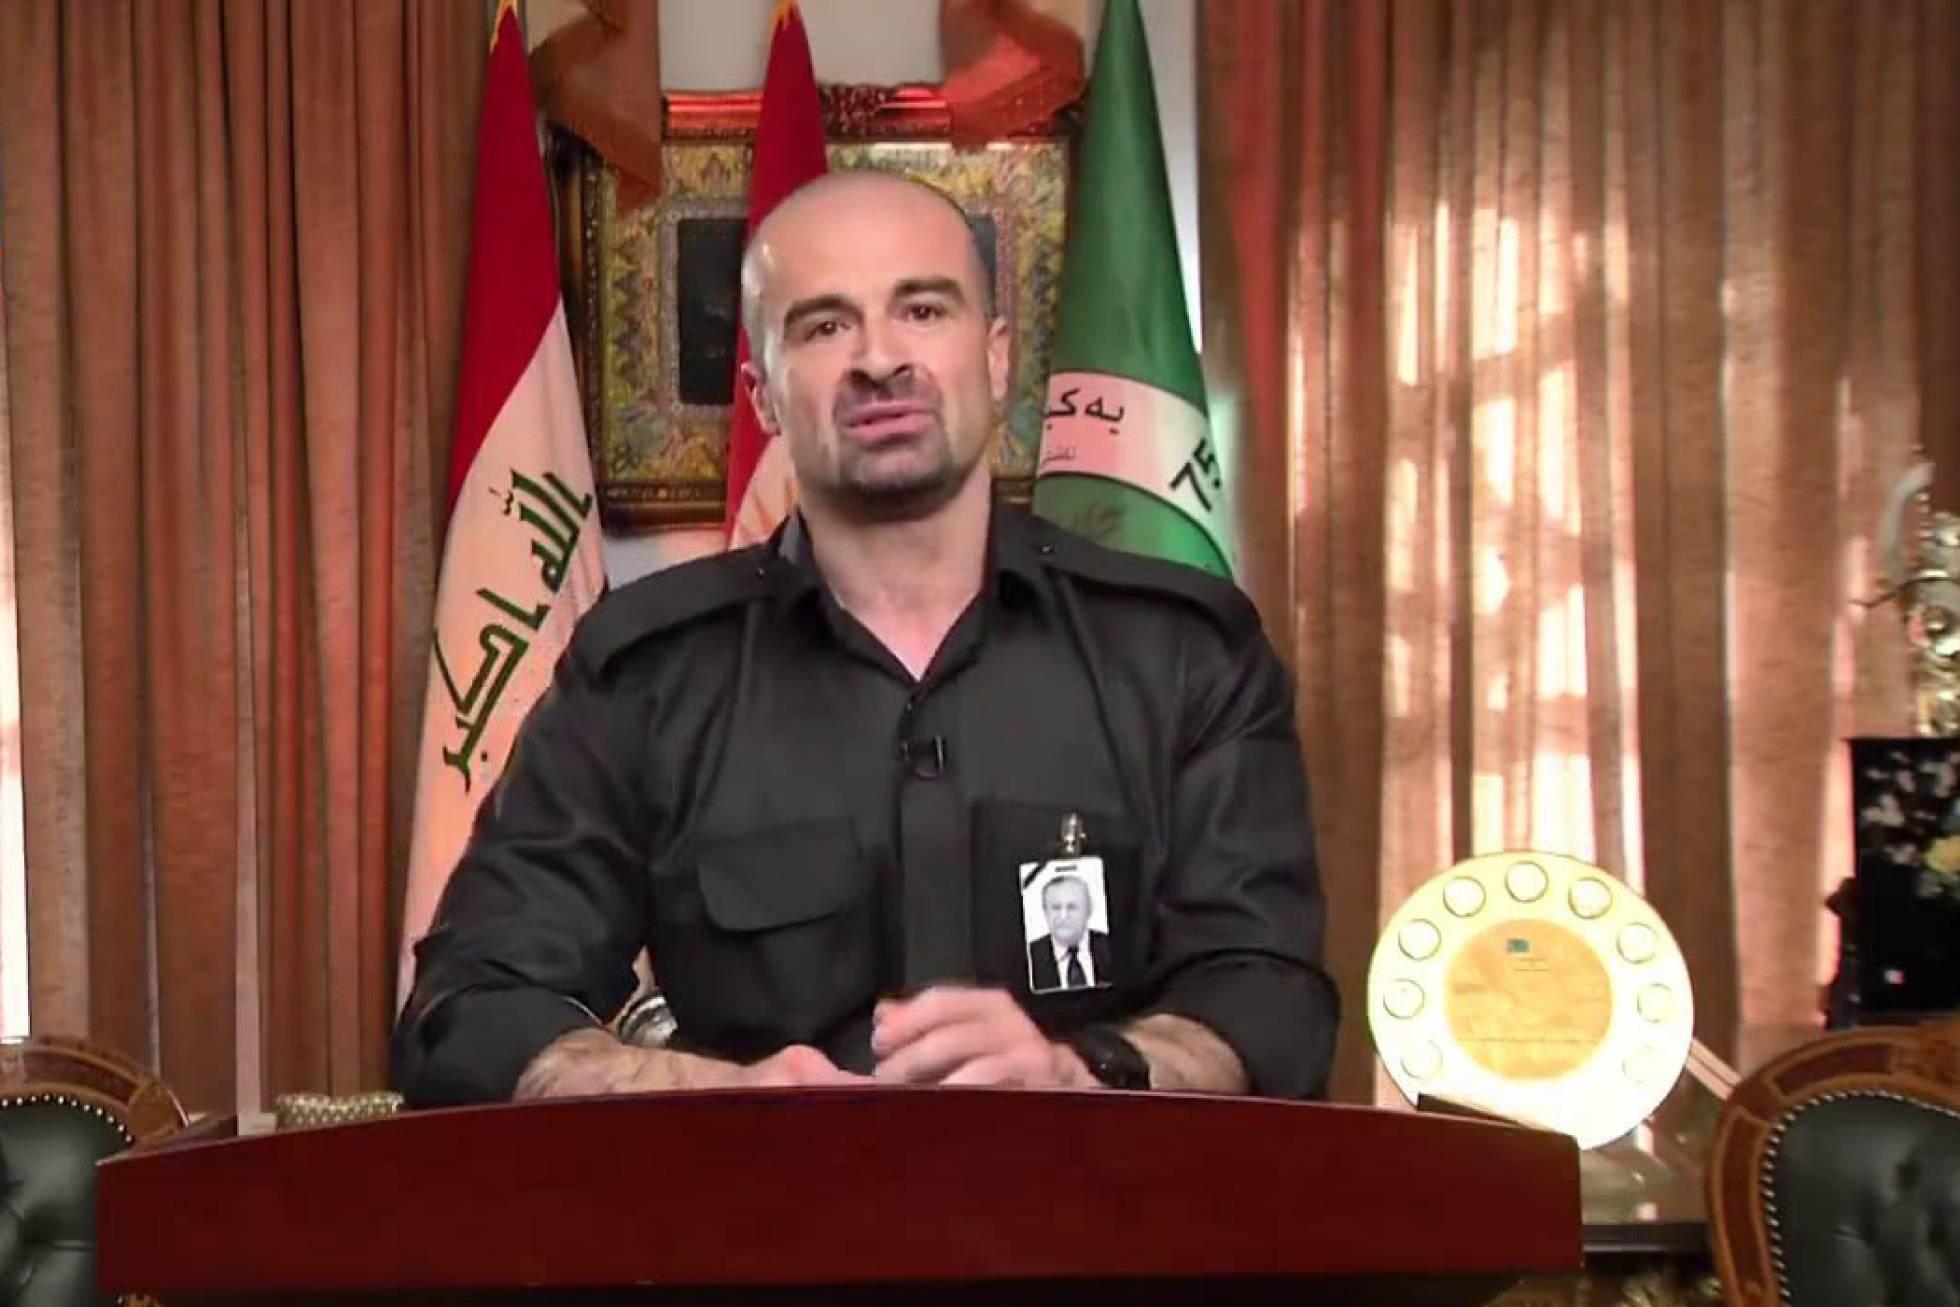 Irak: Crisis políticas, tensiones  sociales  y luchas militares interburguesas. - Página 16 1508685790_200027_1508691995_noticia_normal_recorte1